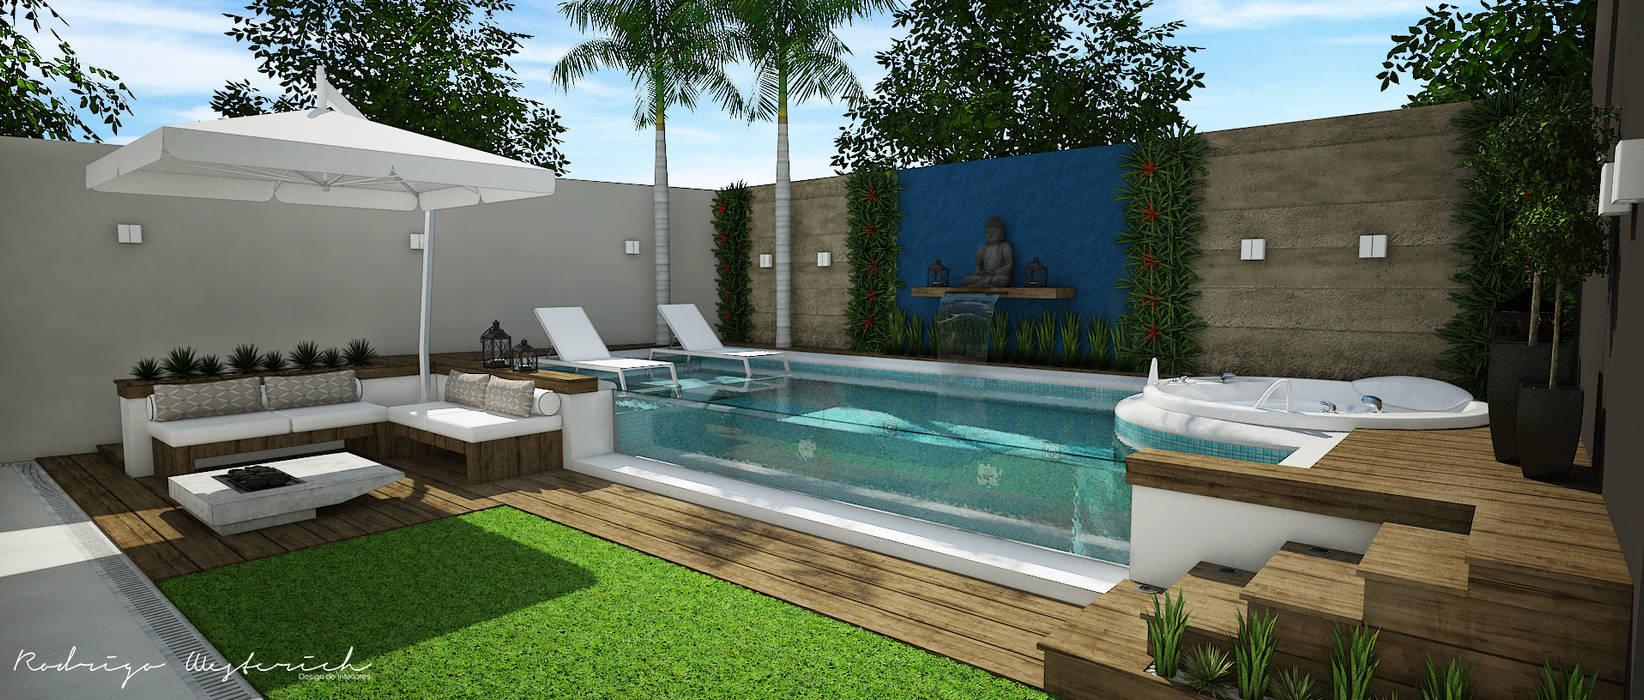 Área externa u2013 piscina piscinas de jardim por rodrigo westerich design de interiores, homify -> Decoracao De Area Externa Com Piscina